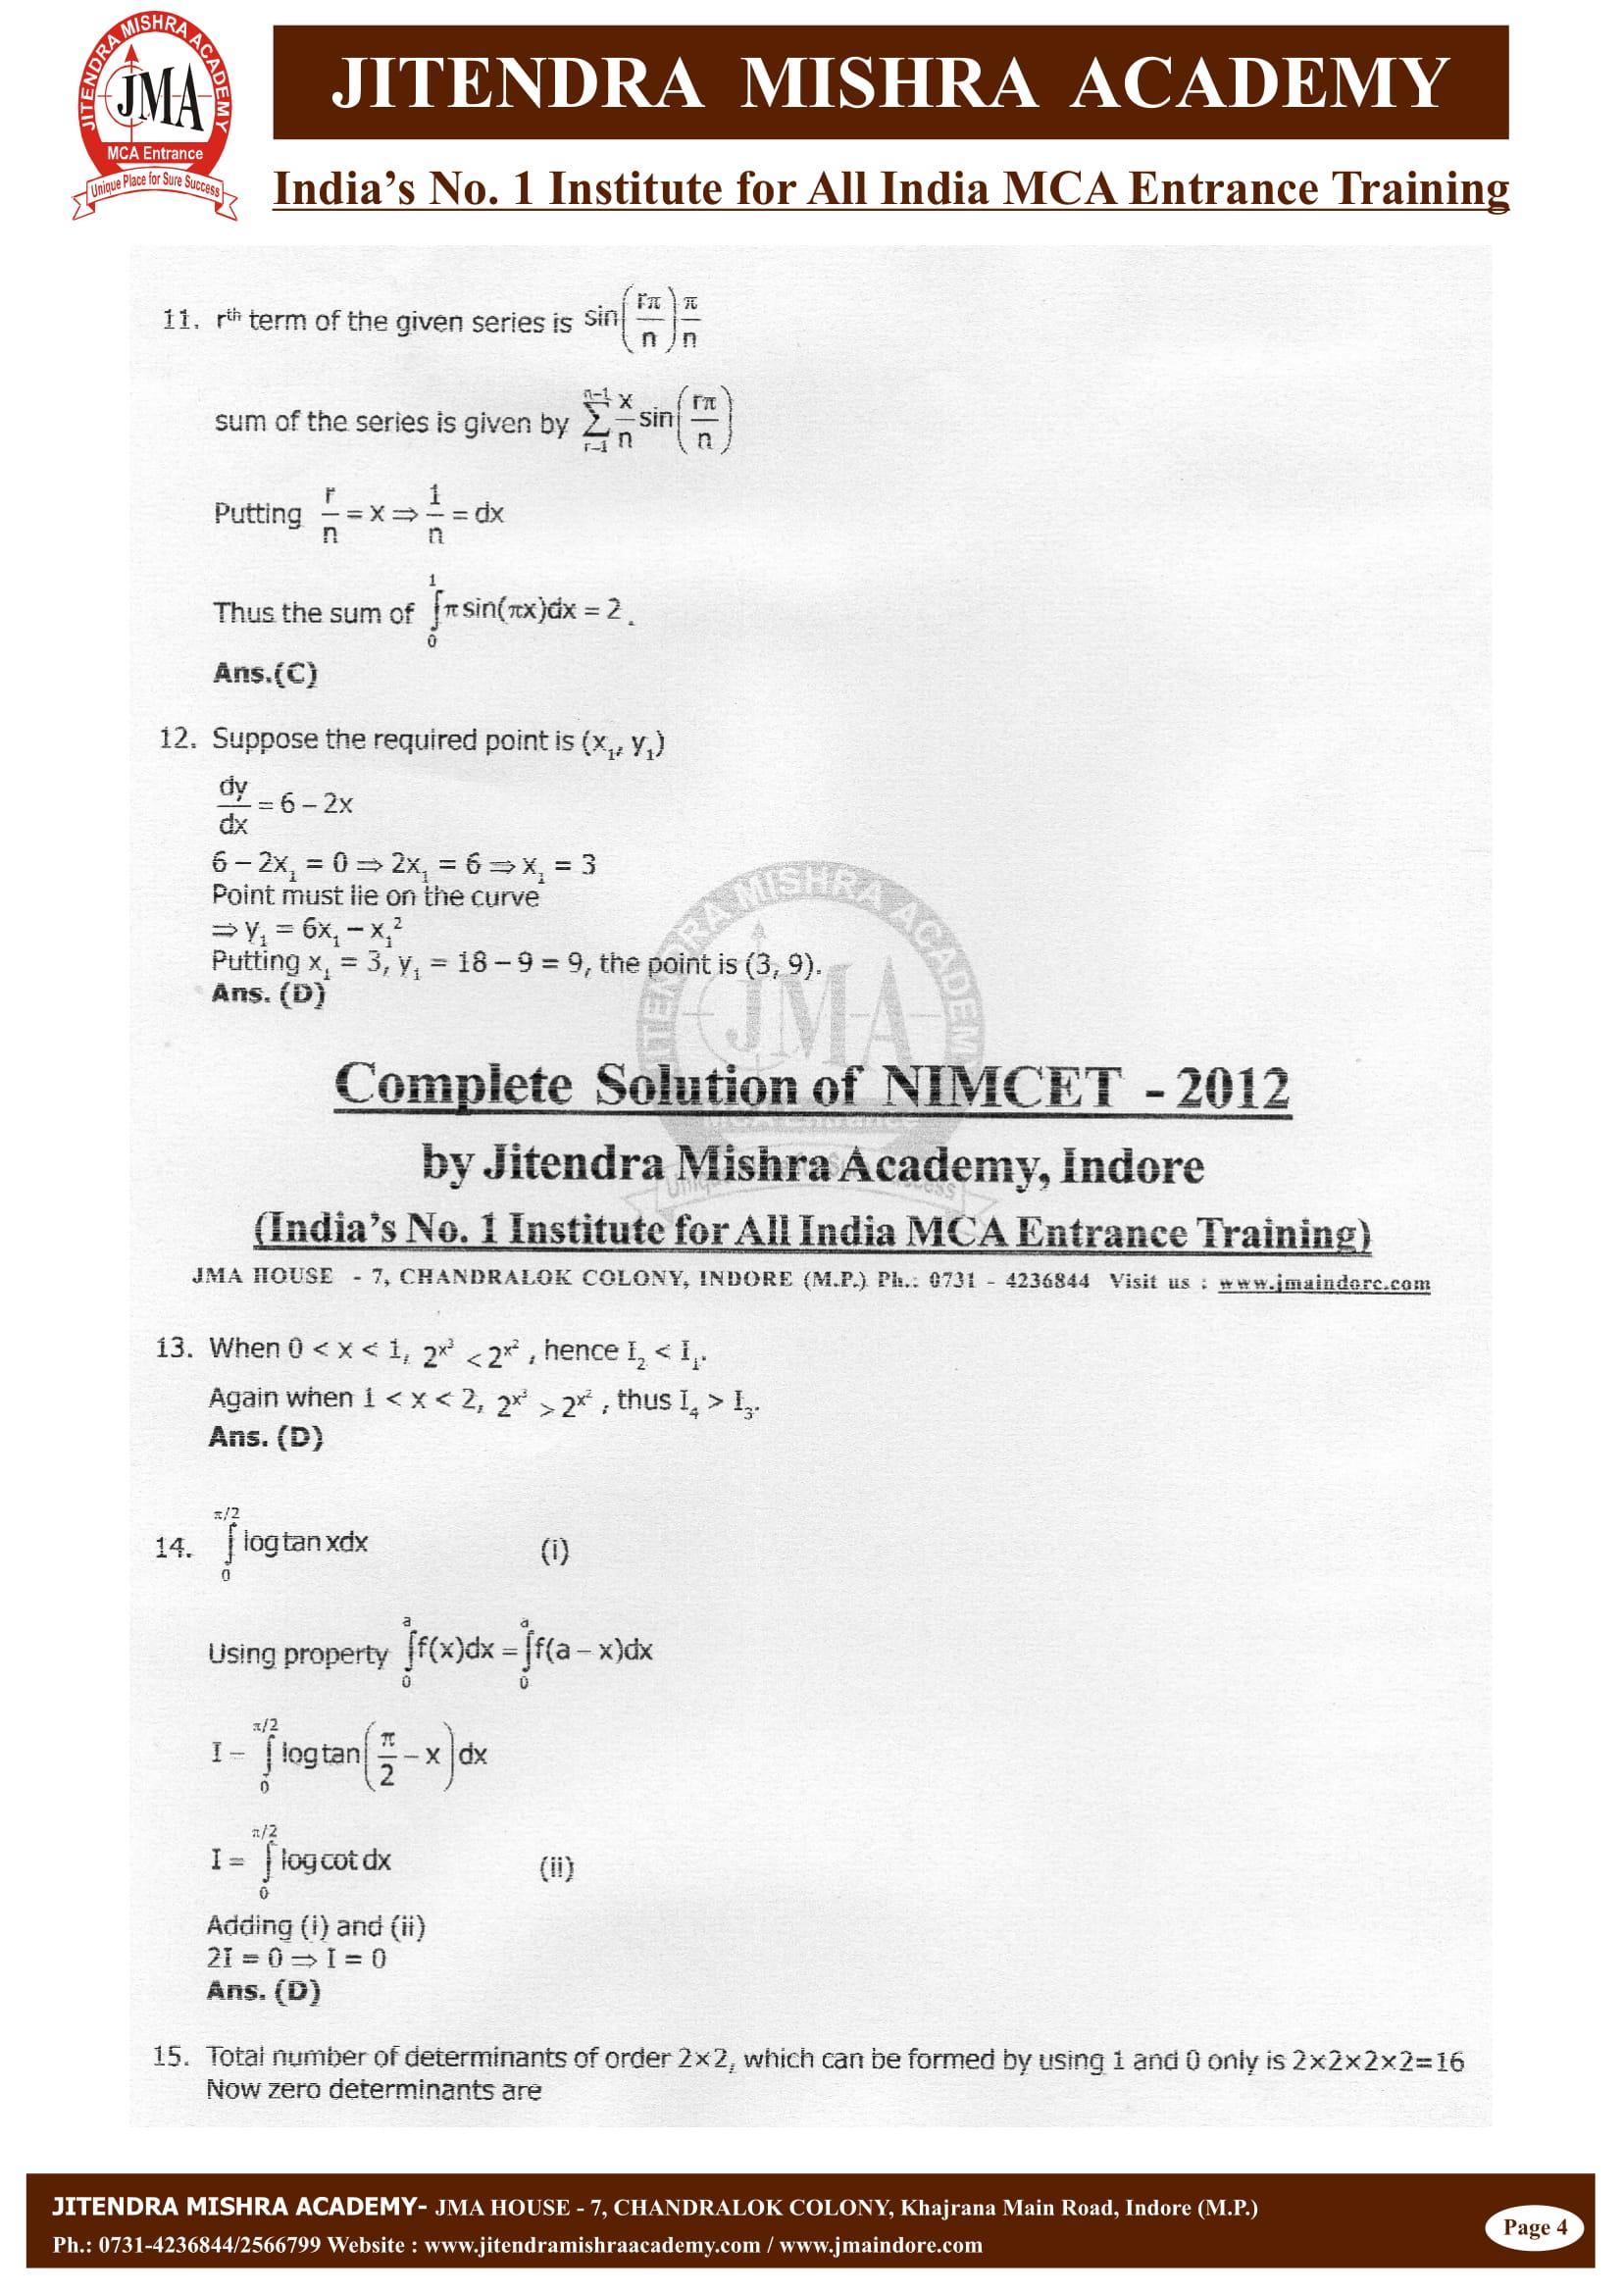 NIMCET - 2012 (SOLUTION)-04